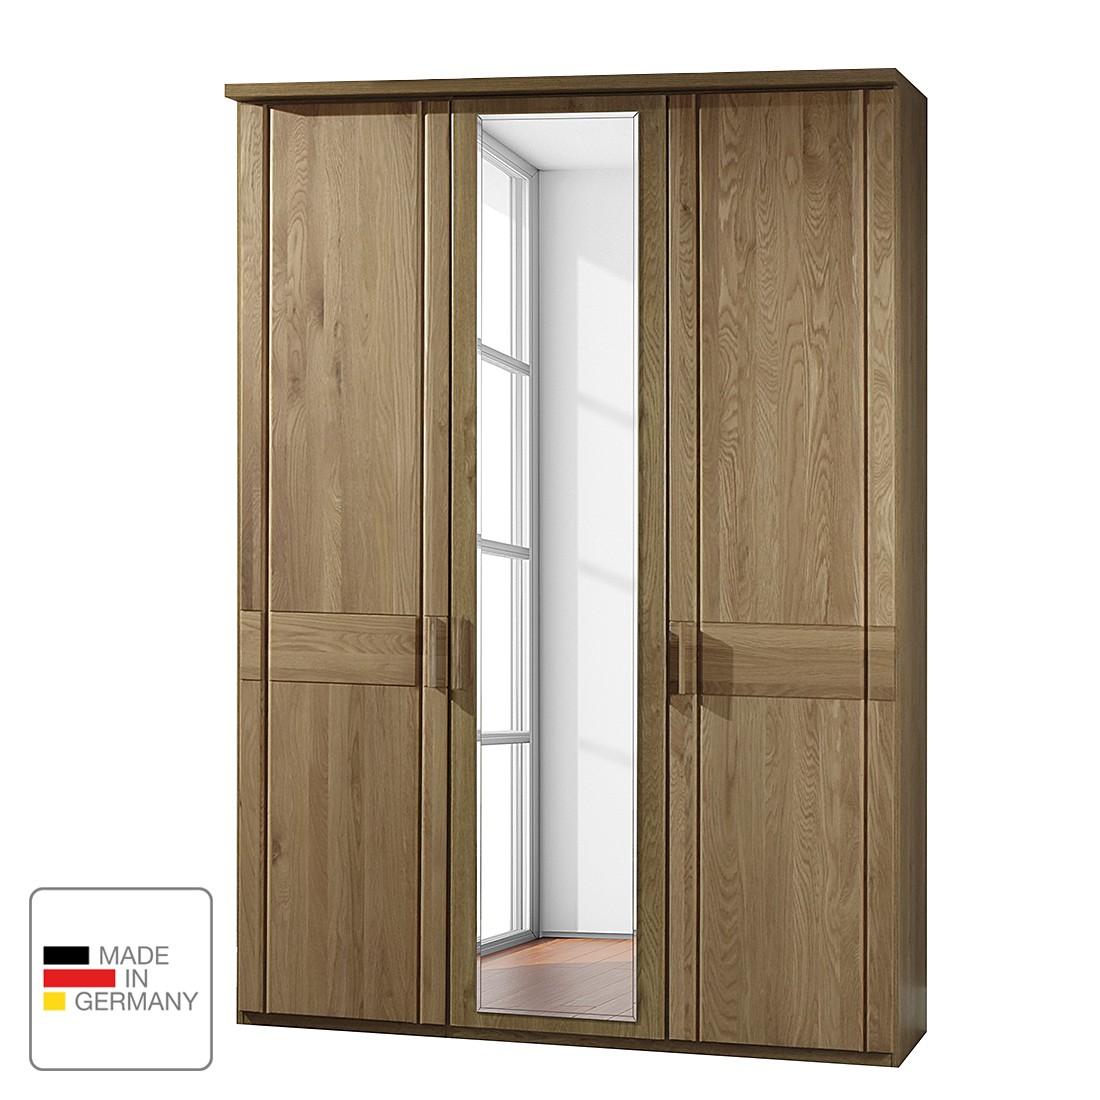 goedkoop Draaideurkast Münster deels massief eikenhout Zonder verlichting 250cm 5 deurs 2 spiegeldeuren Met kroonlijst Wiemann